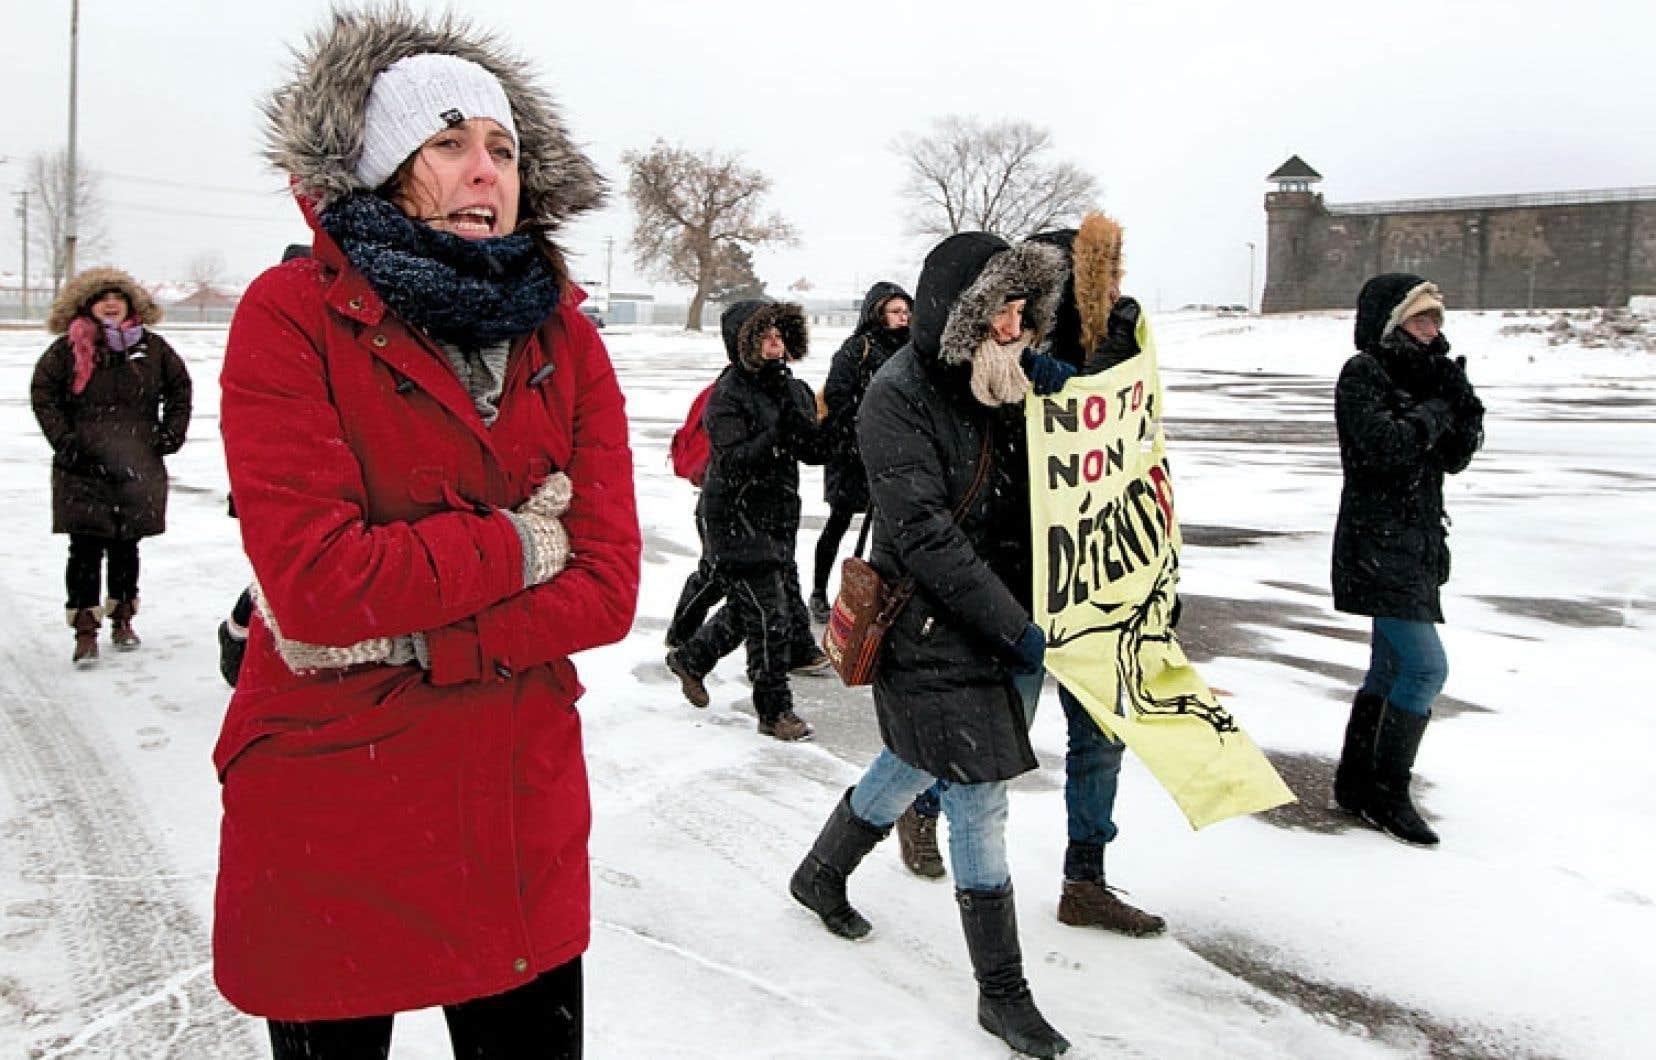 <div> Les changements apportés à la loi C-31 par le gouvernement Harper, qui sont dénoncés par les manifestants, comprennent notamment la mise sur pied d'une liste de « pays sûrs » qui comporte des conséquences négatives pour les demandeurs de statut de réfugié.</div>